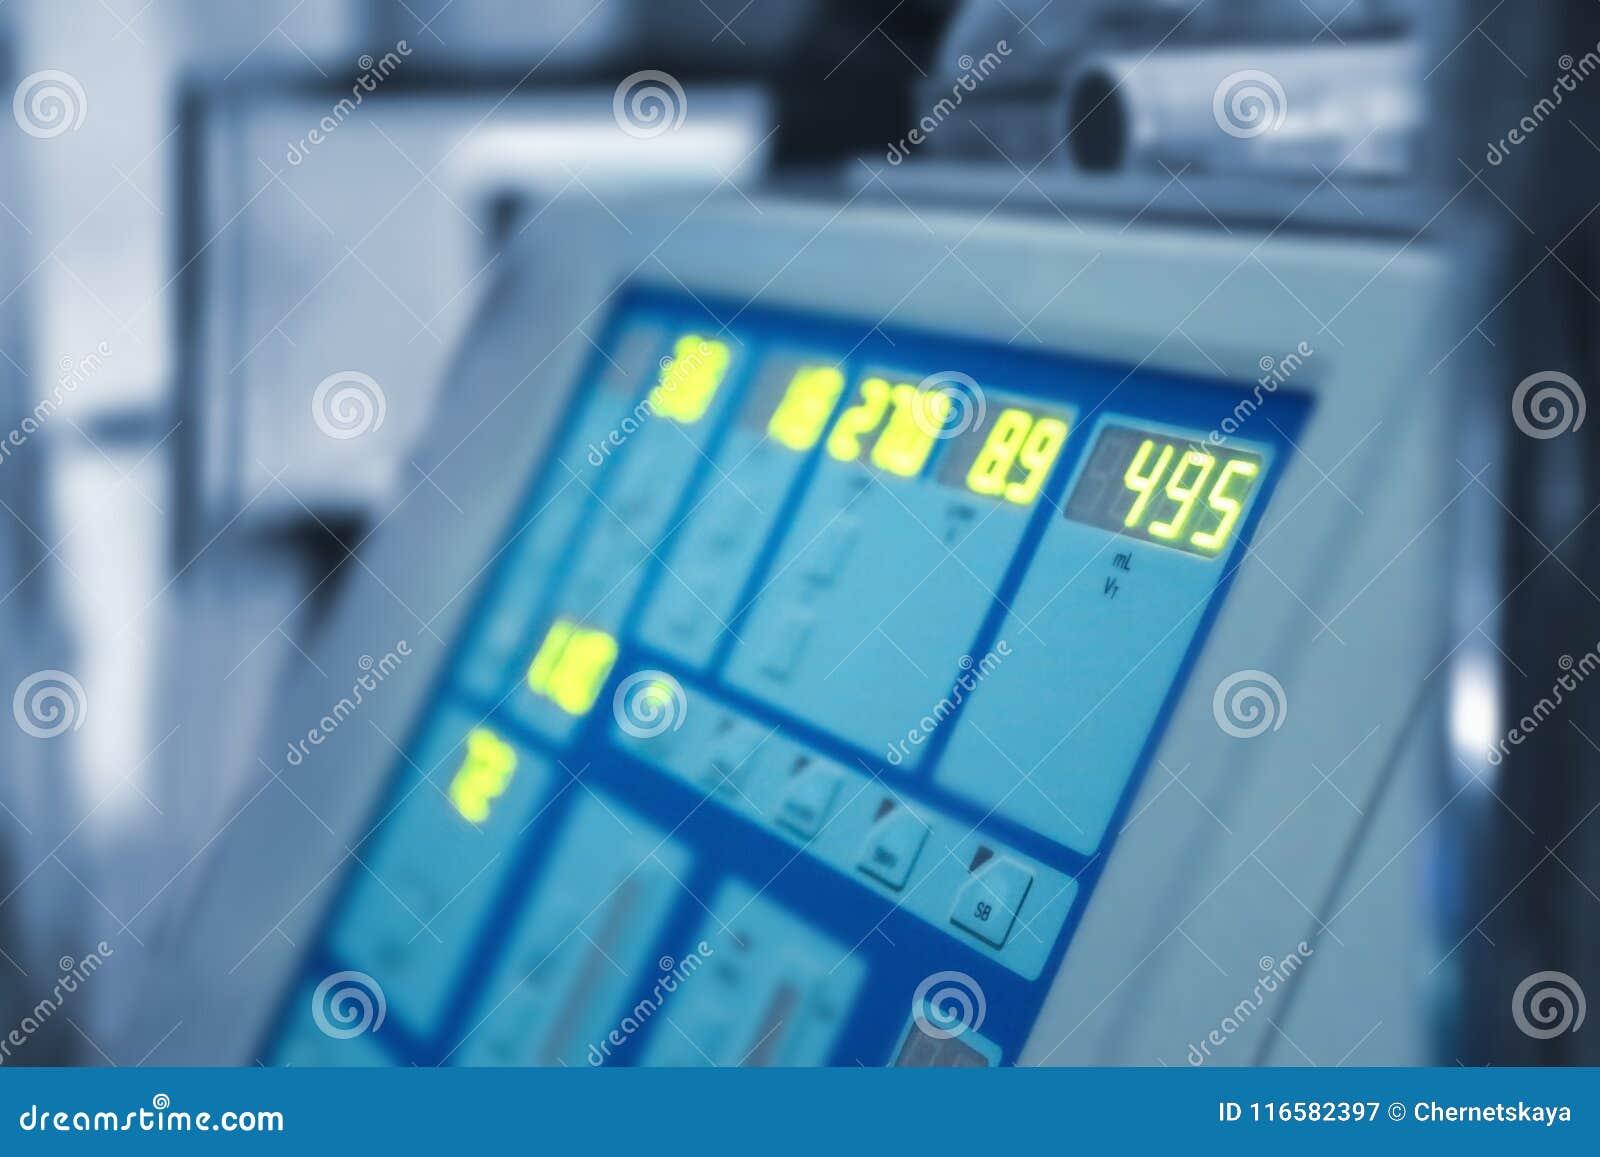 在现代诊所的特别医疗设备